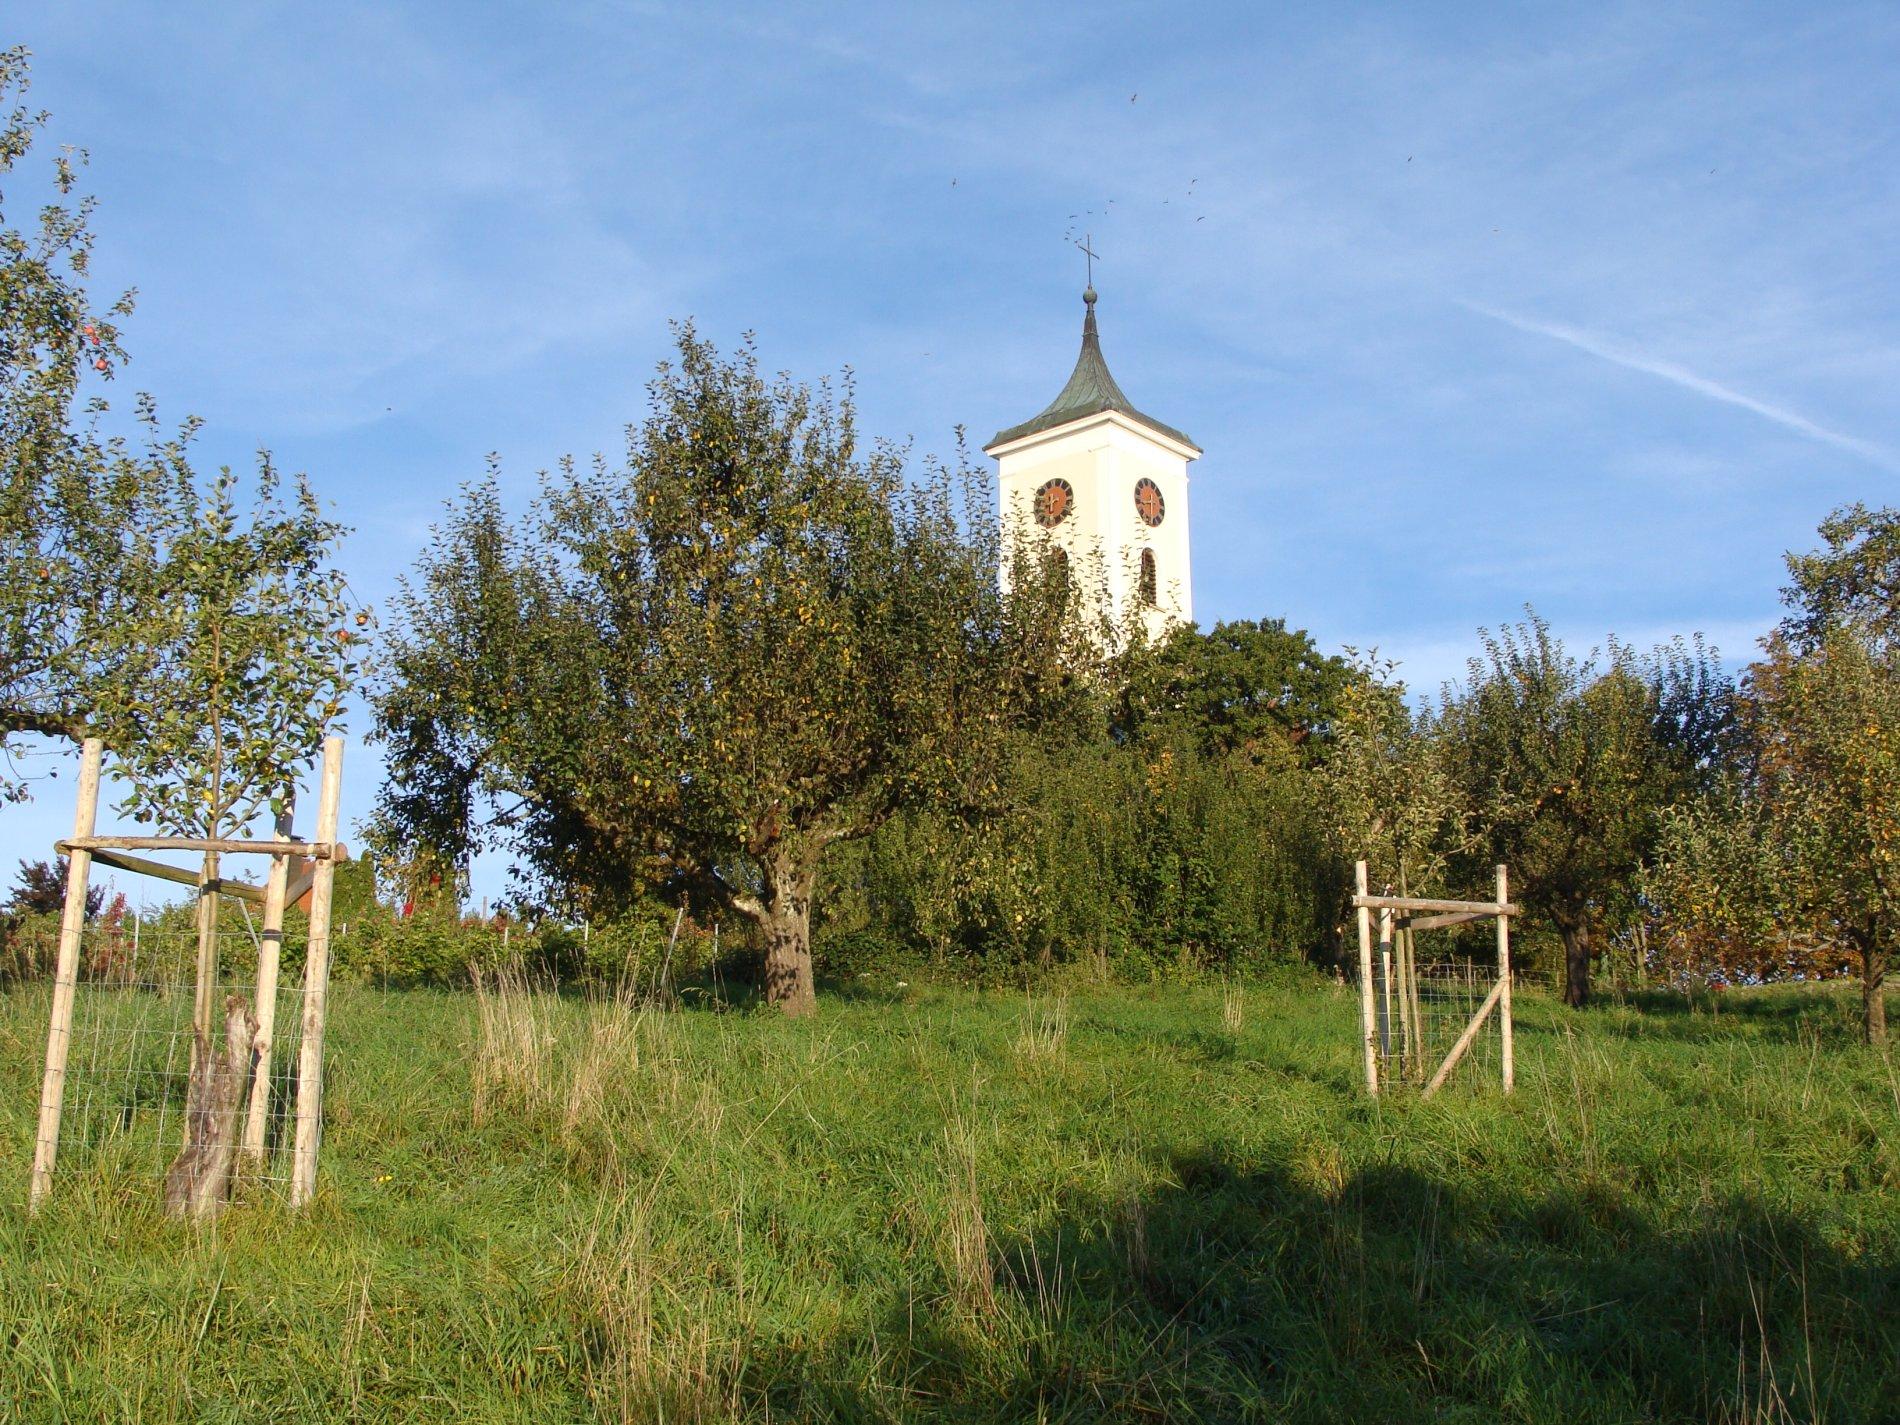 Obstbäume und Kirche